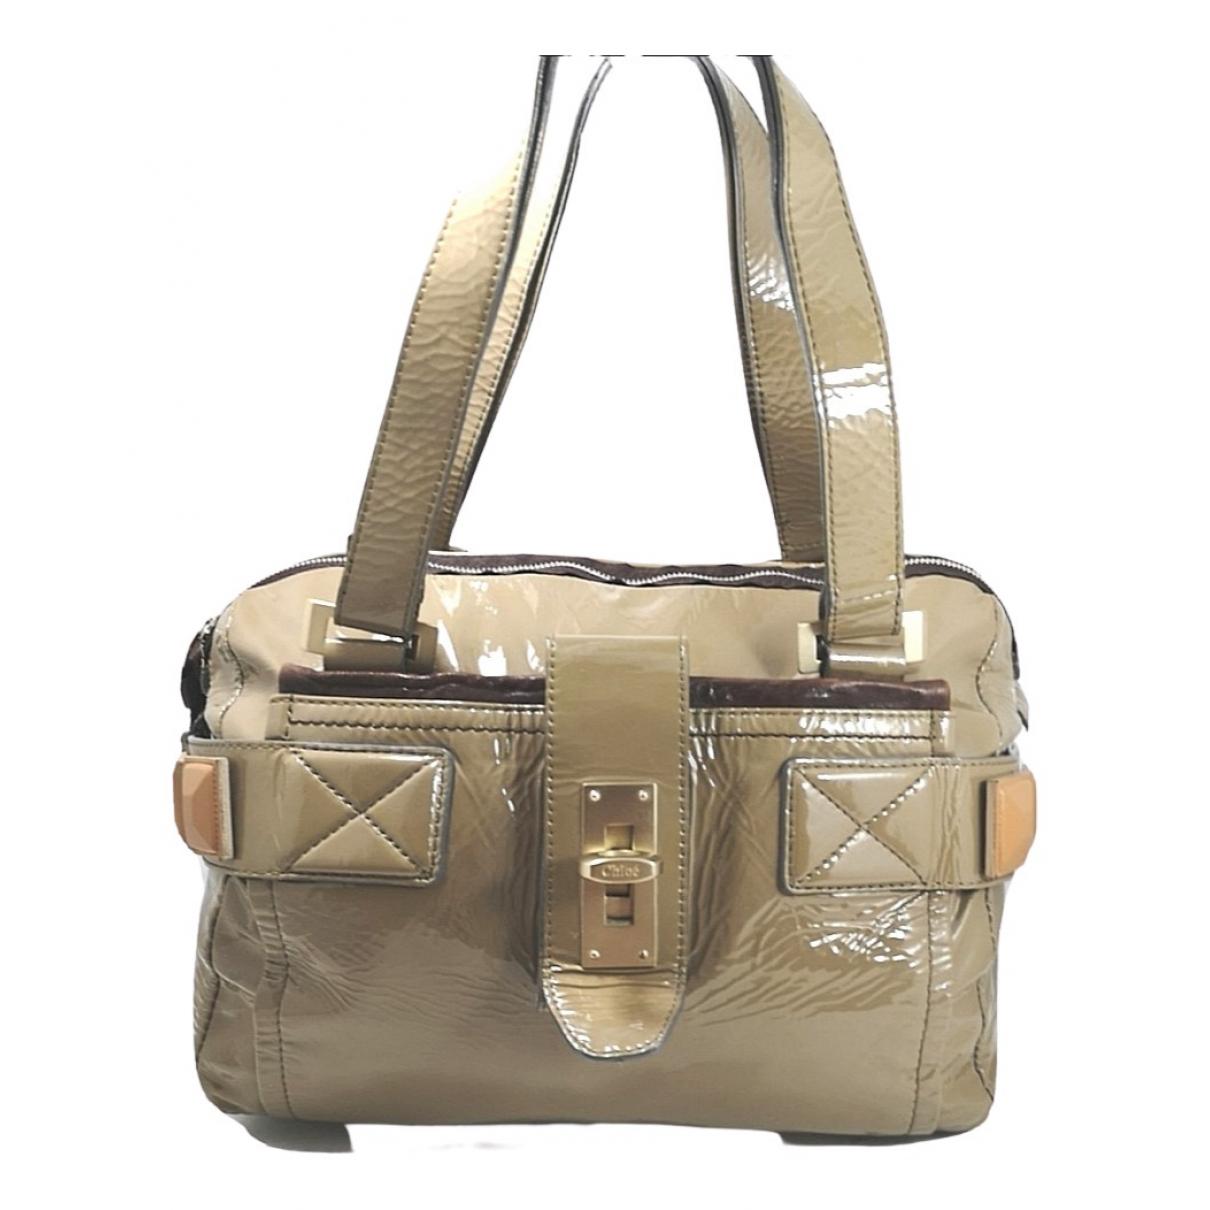 Chloe \N Handtasche in  Beige Lackleder